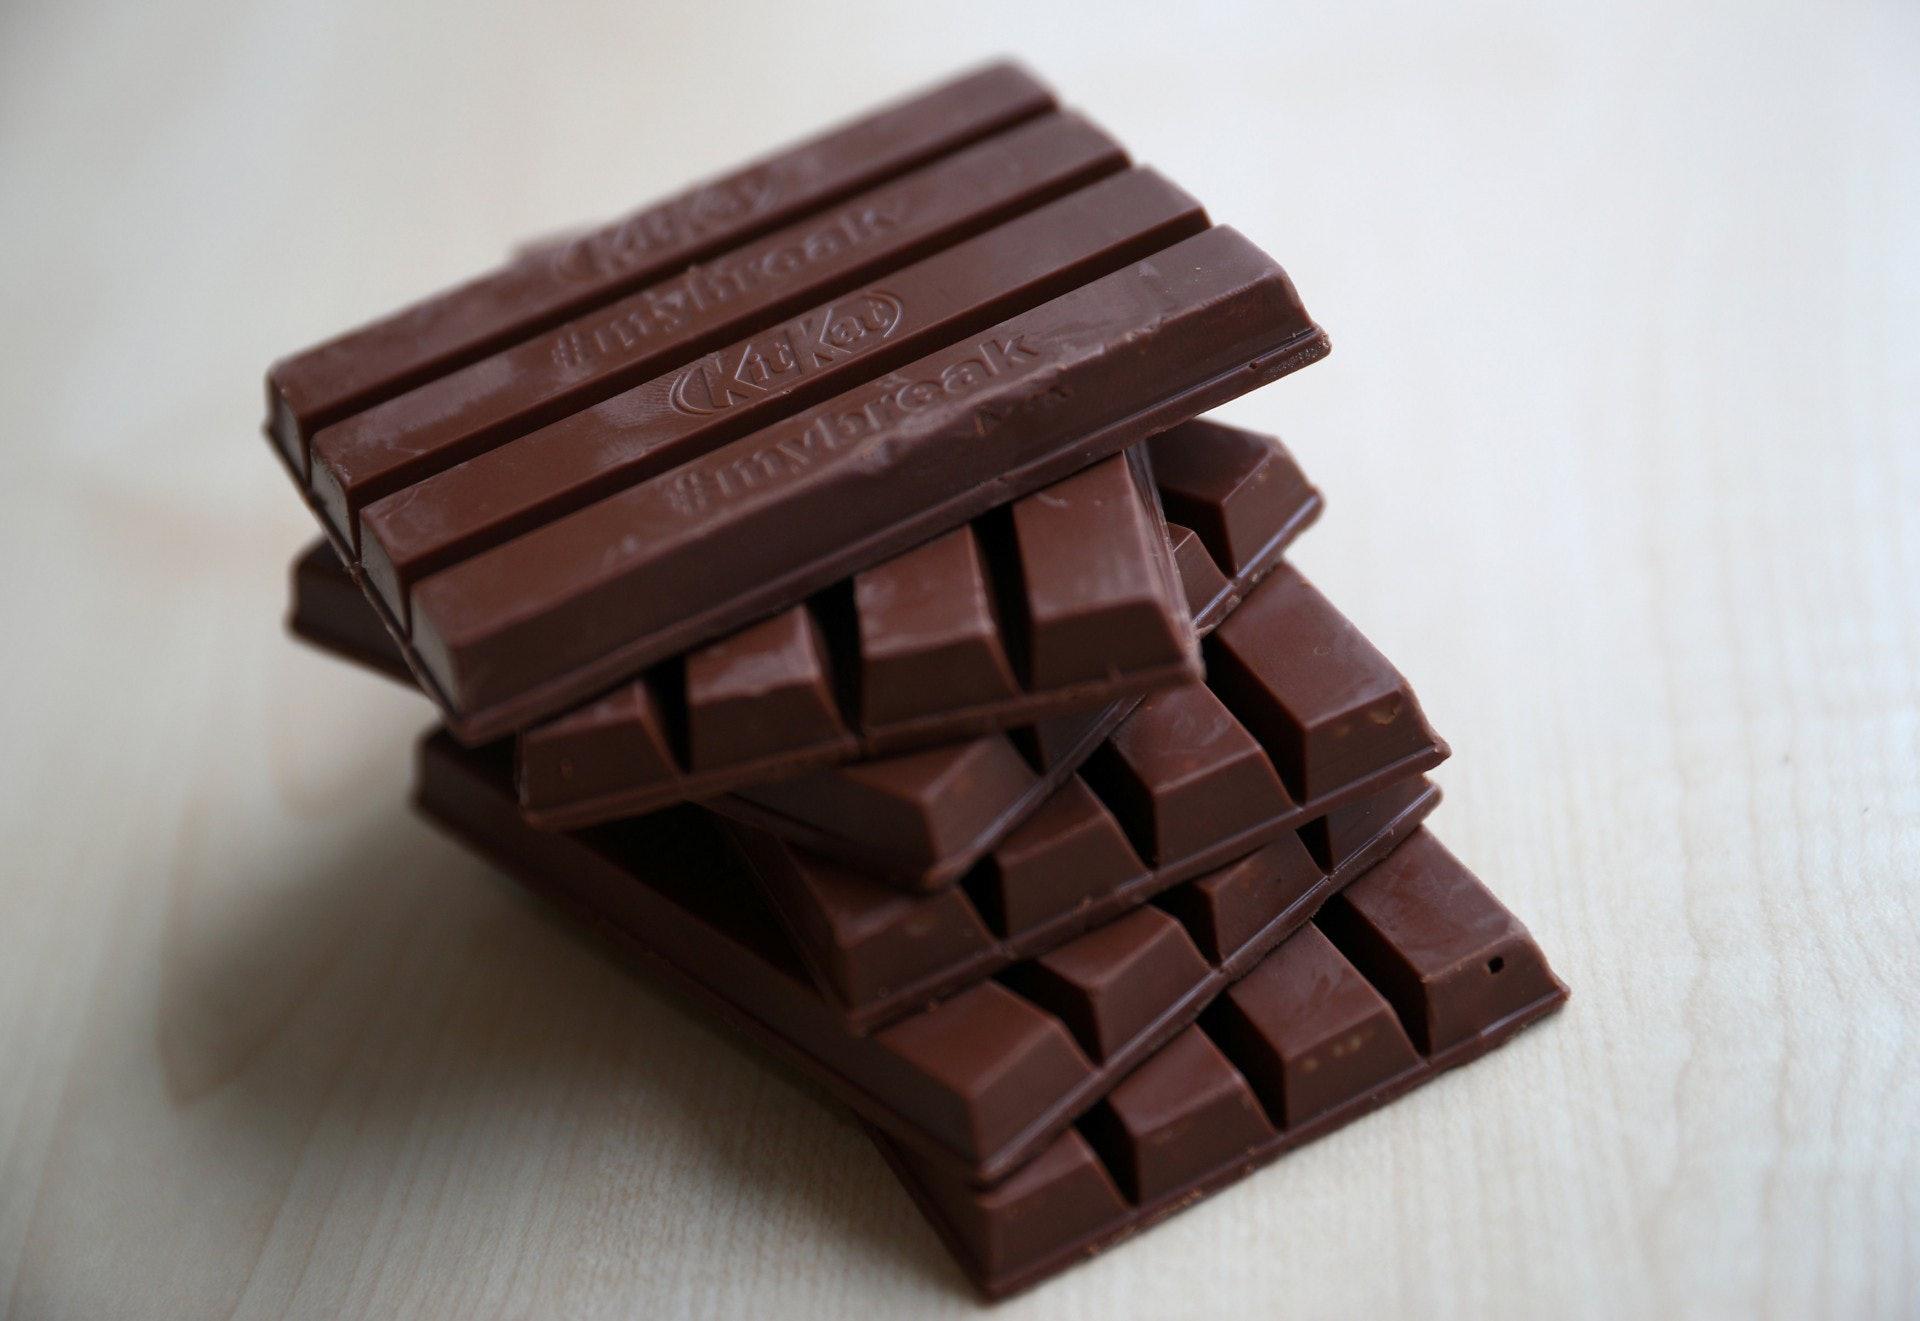 KitKat造型爭議:雀巢一直希望把KitKat四條一排的造型成為註冊商標,引發爭議。(路透社)